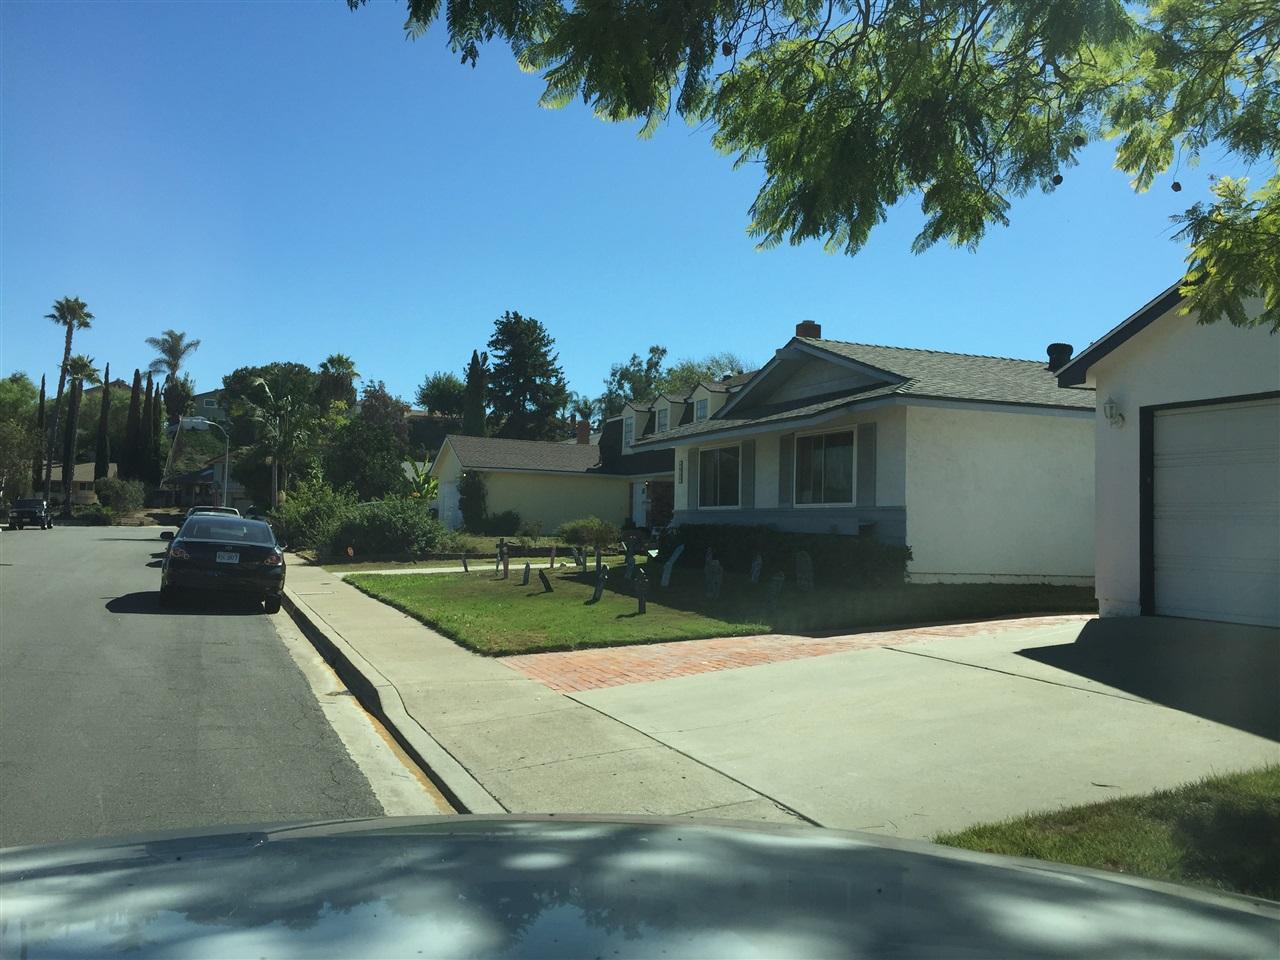 8657 Warwell Dr, San Diego CA 92119